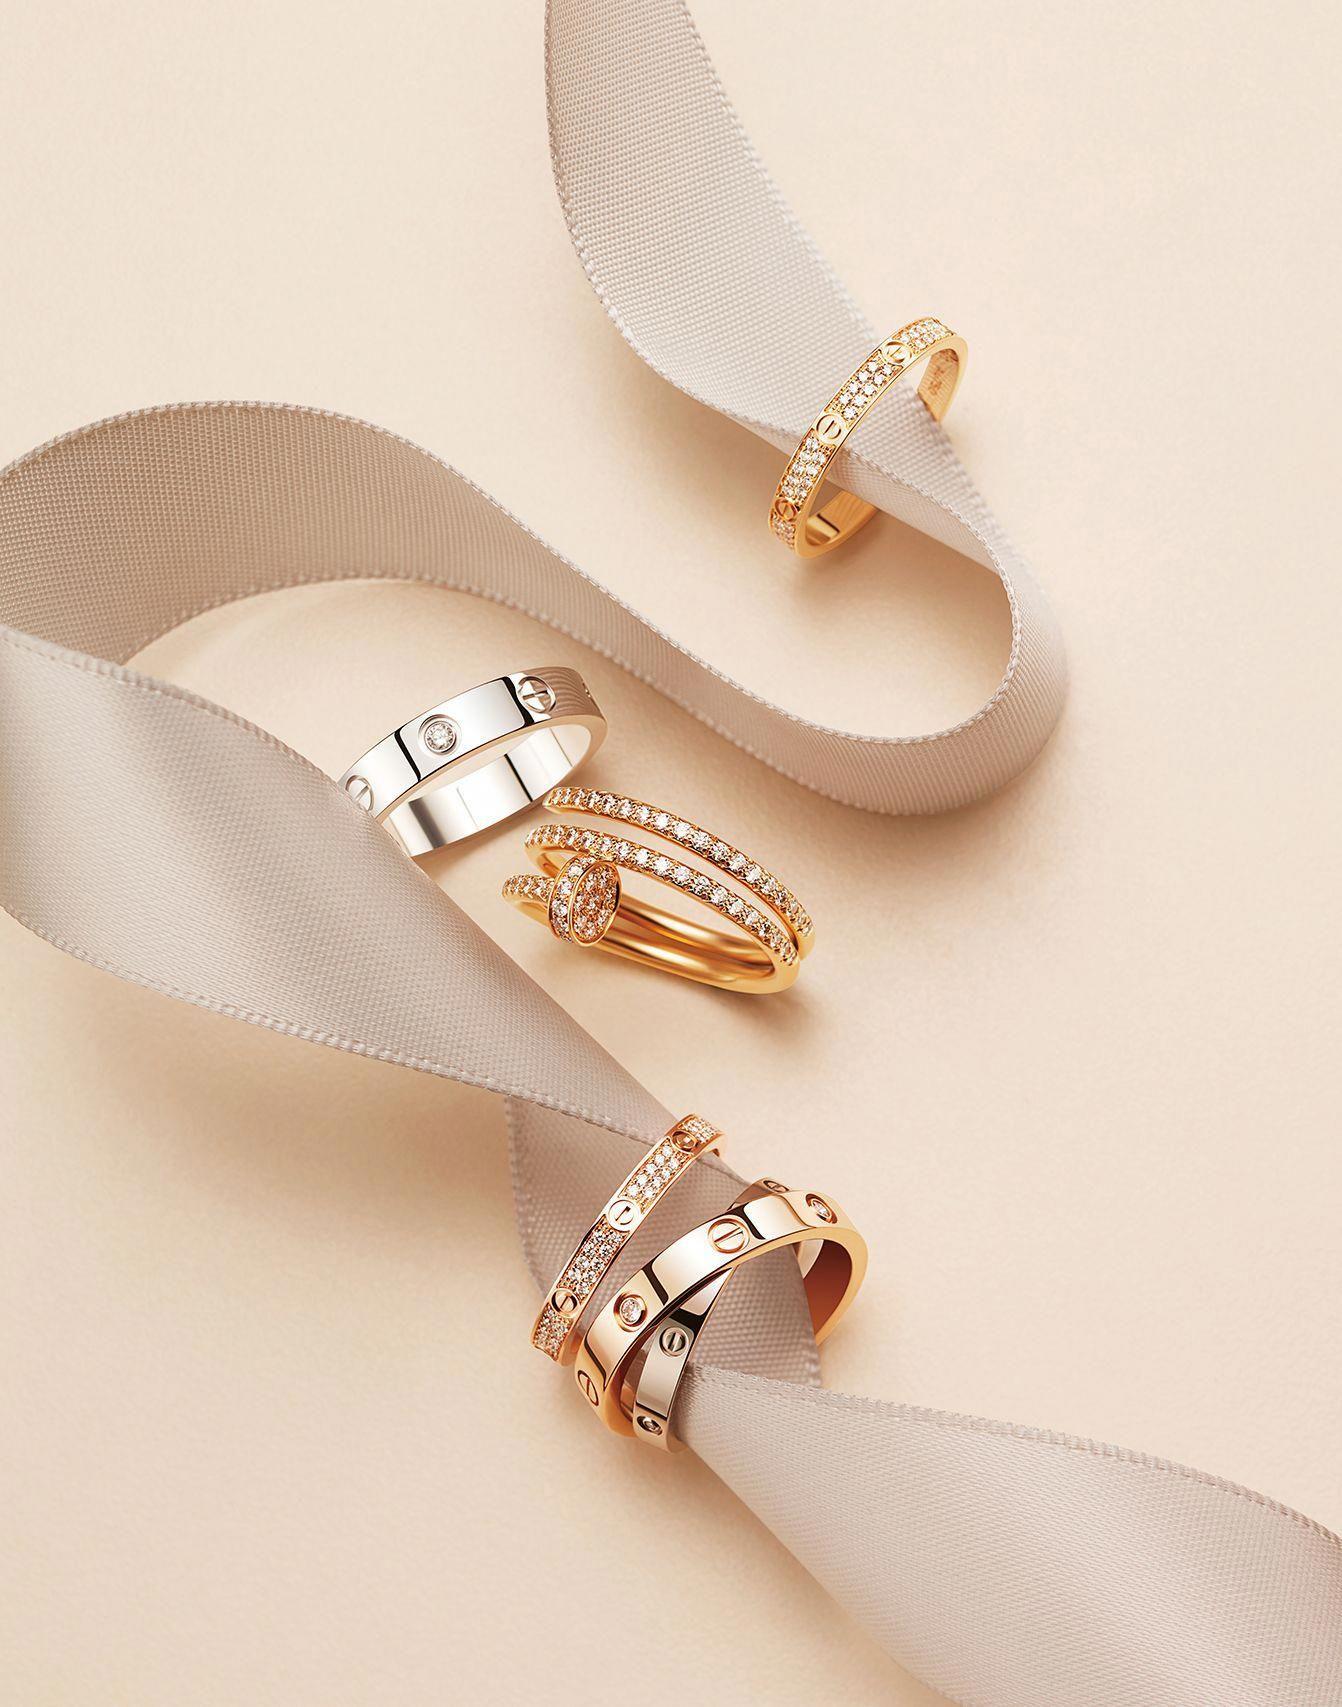 Jewelry Engraving Near Me #Cjewelry Product | Fotografia ...